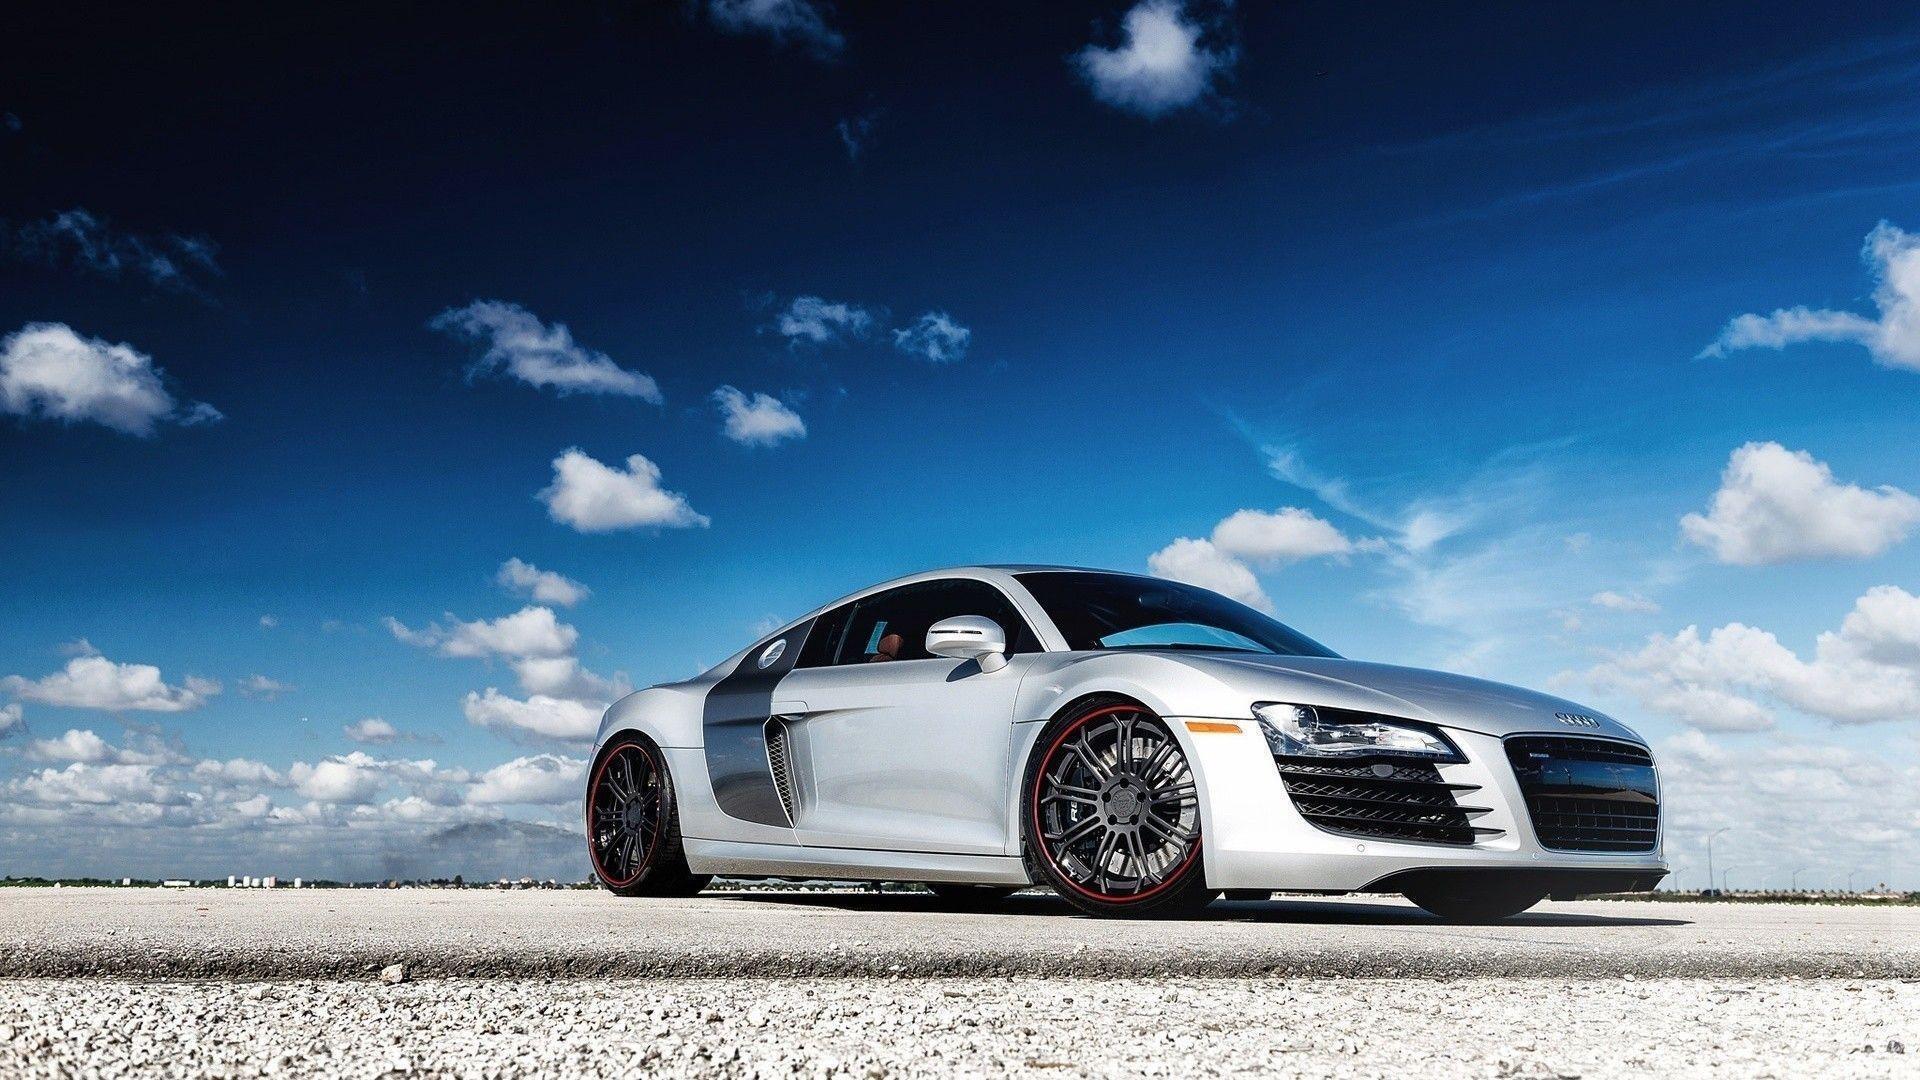 Audi R8 free image